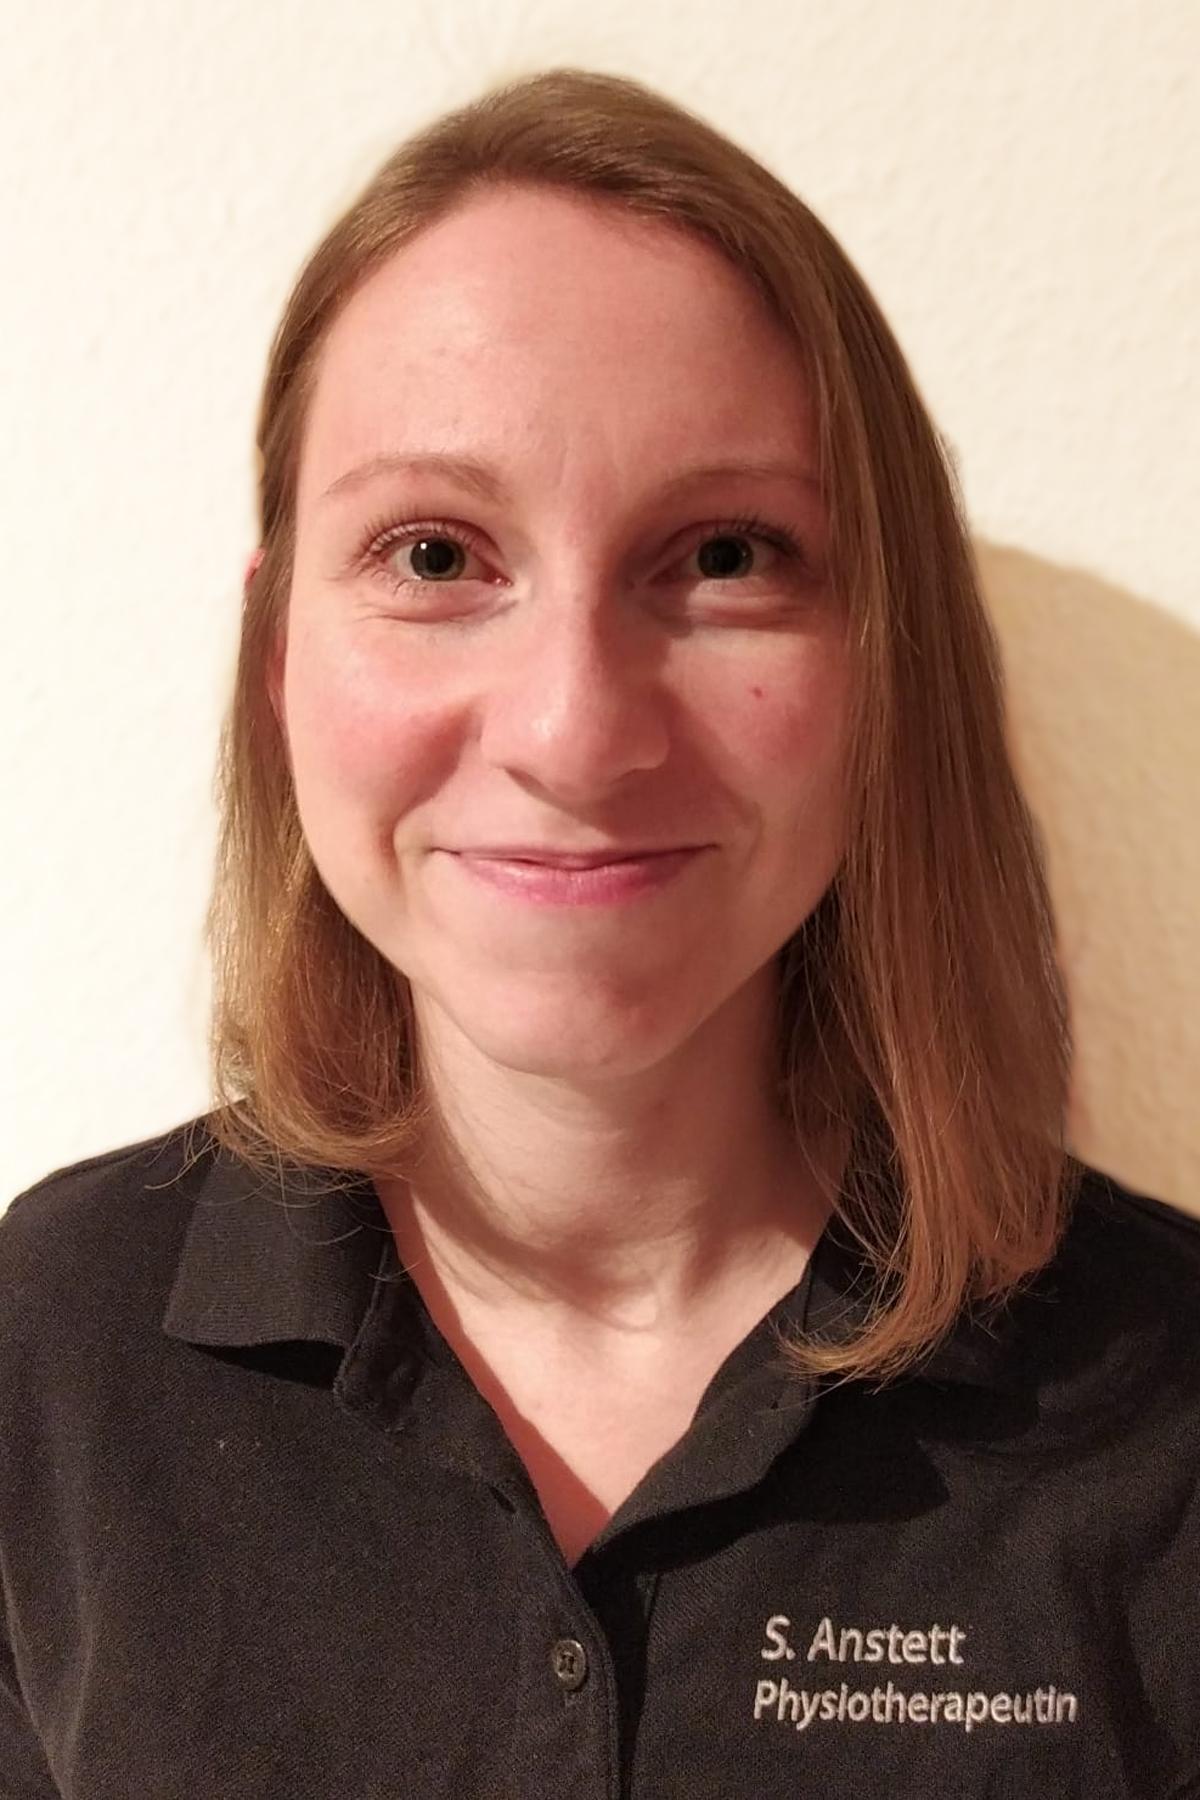 Samantha Anstett